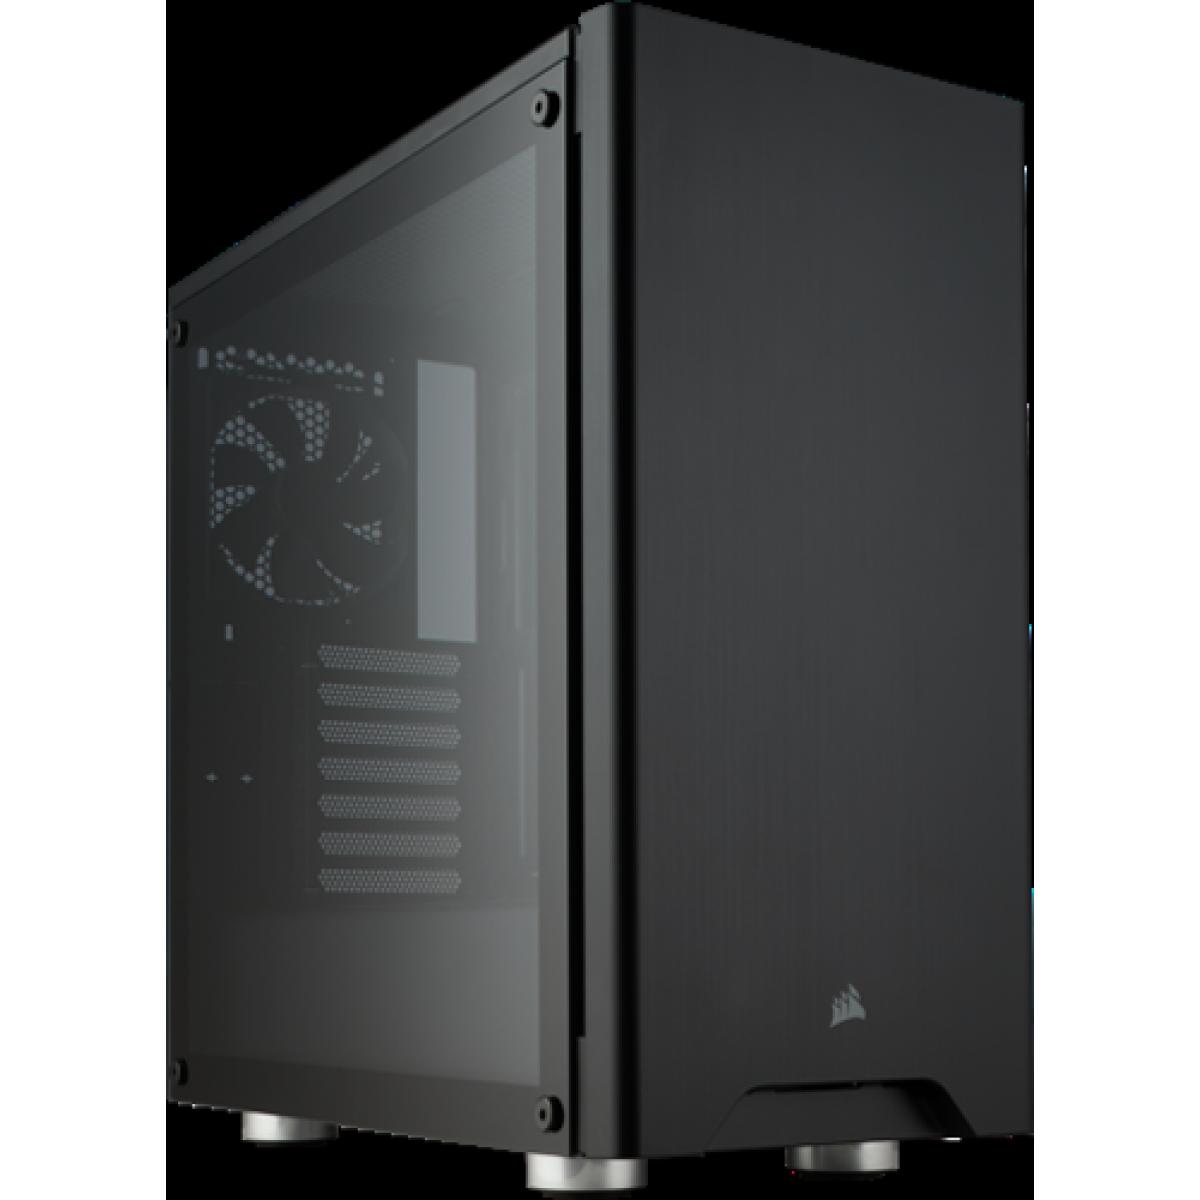 Pc Gamer Tera Edition Intel I7 9700KF 3.60GHz / GeForce RTX 2080 8Gb / DDR4 8Gb / Hd 1Ttb / 600W